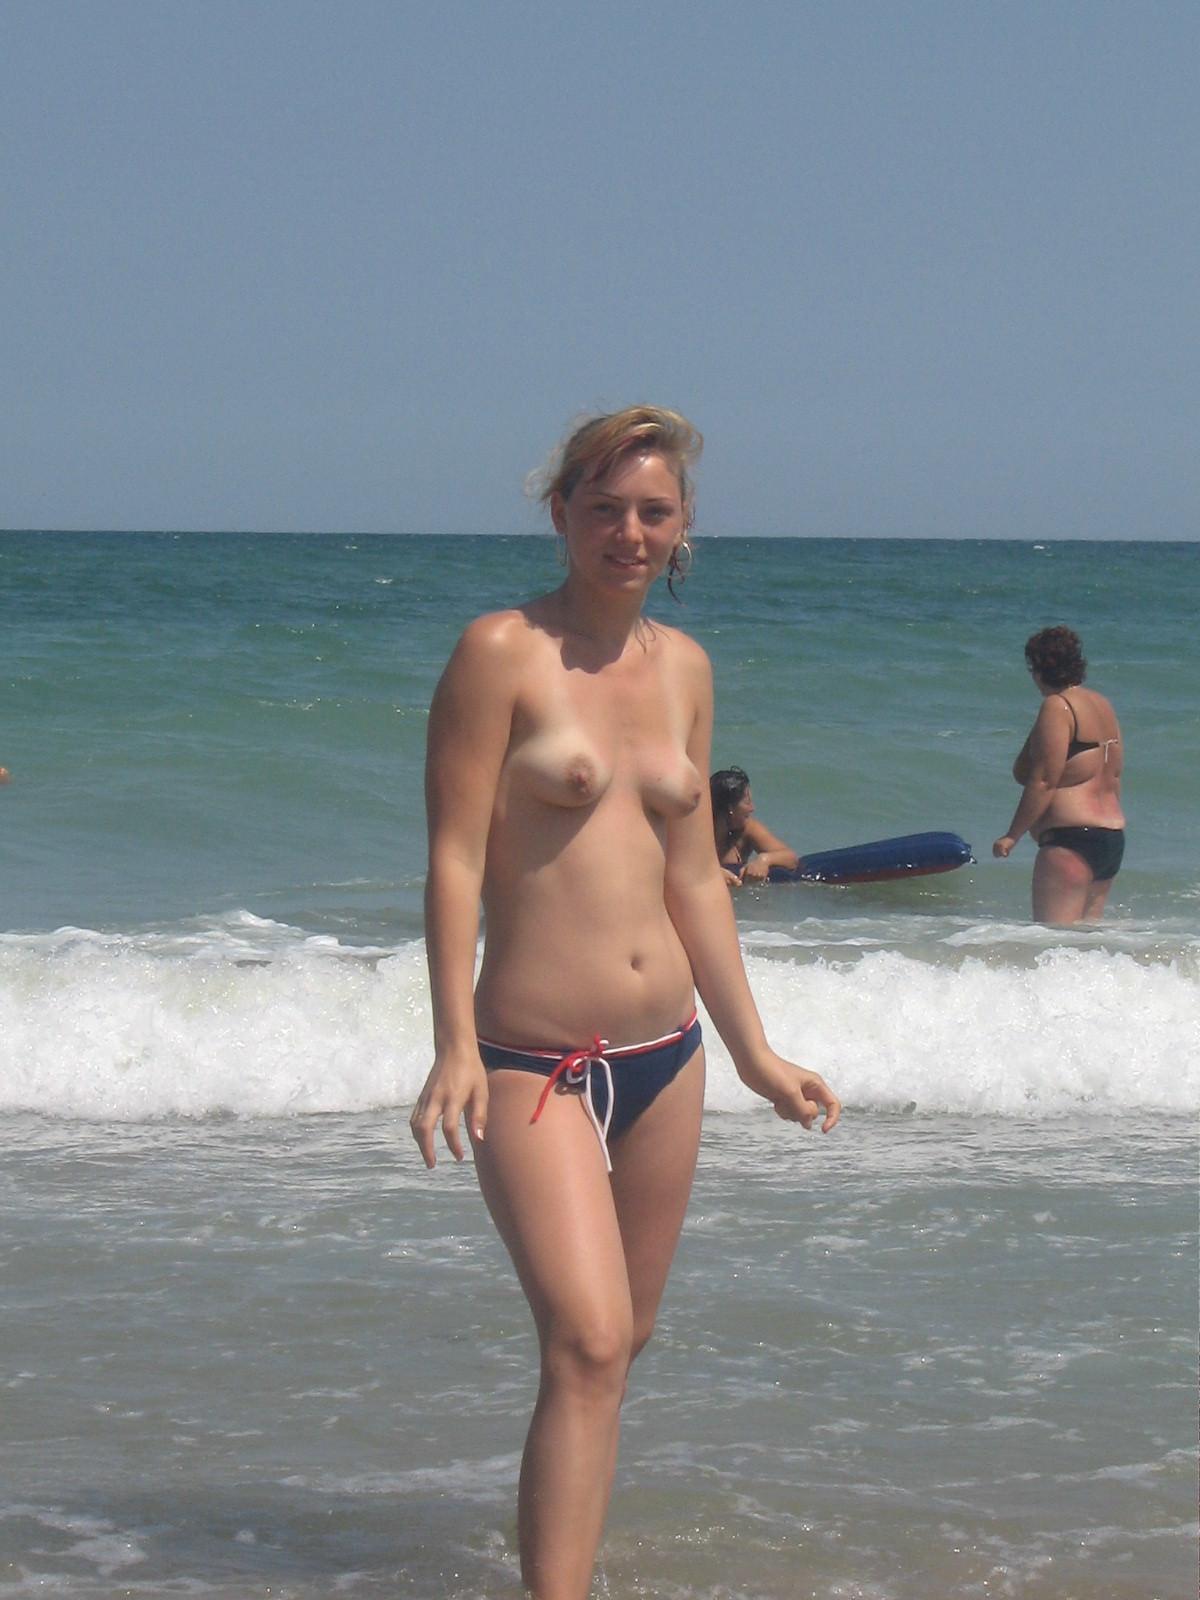 【外人】ウクライナのヌーディストビーチで巨乳おっぱいをプルンプルンさせてる素人美女のポルノ画像 655